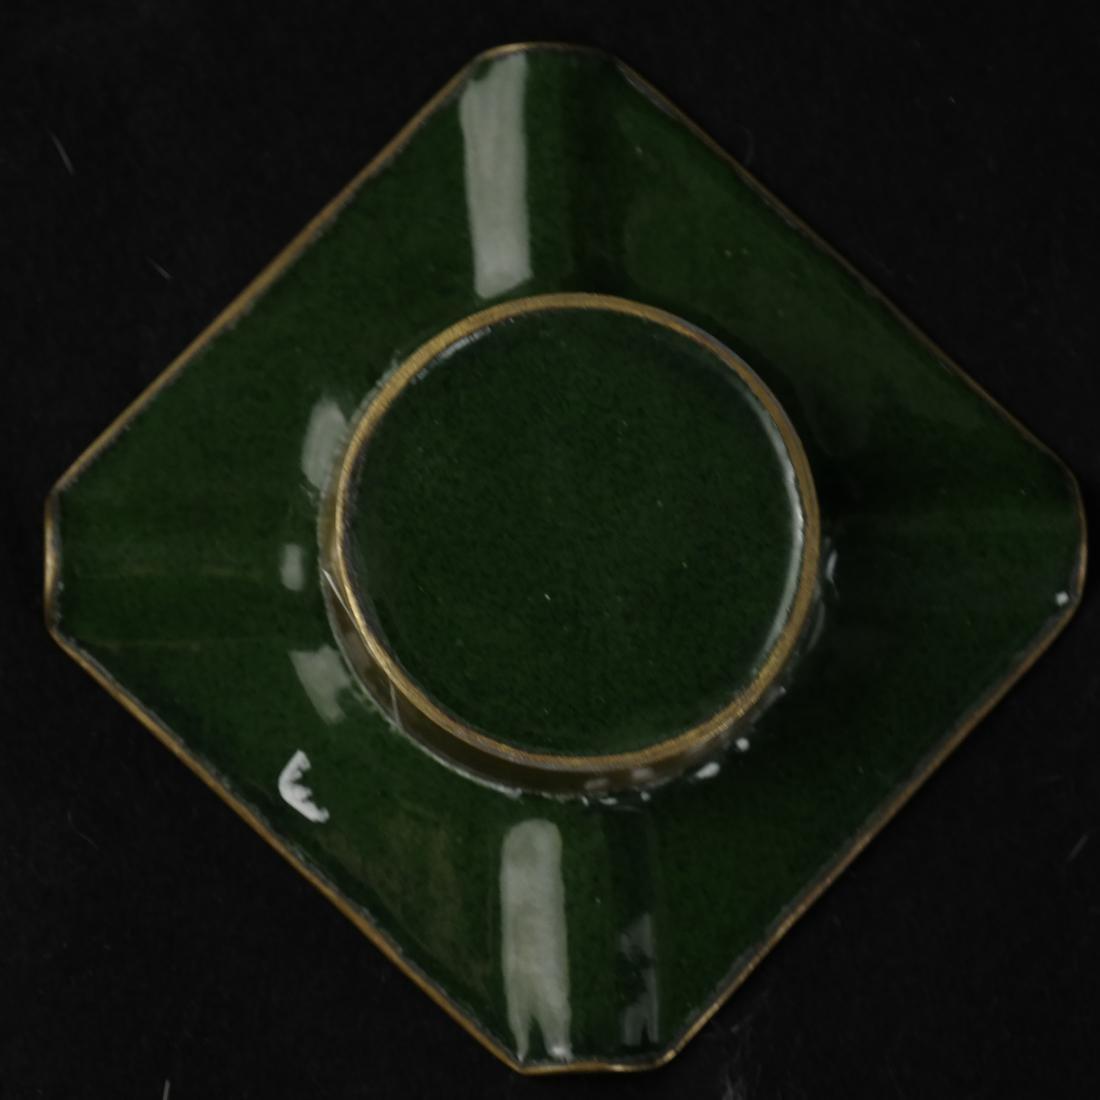 Japanese Cloisonne Ashtray and Enameled Vase on Silver - 7